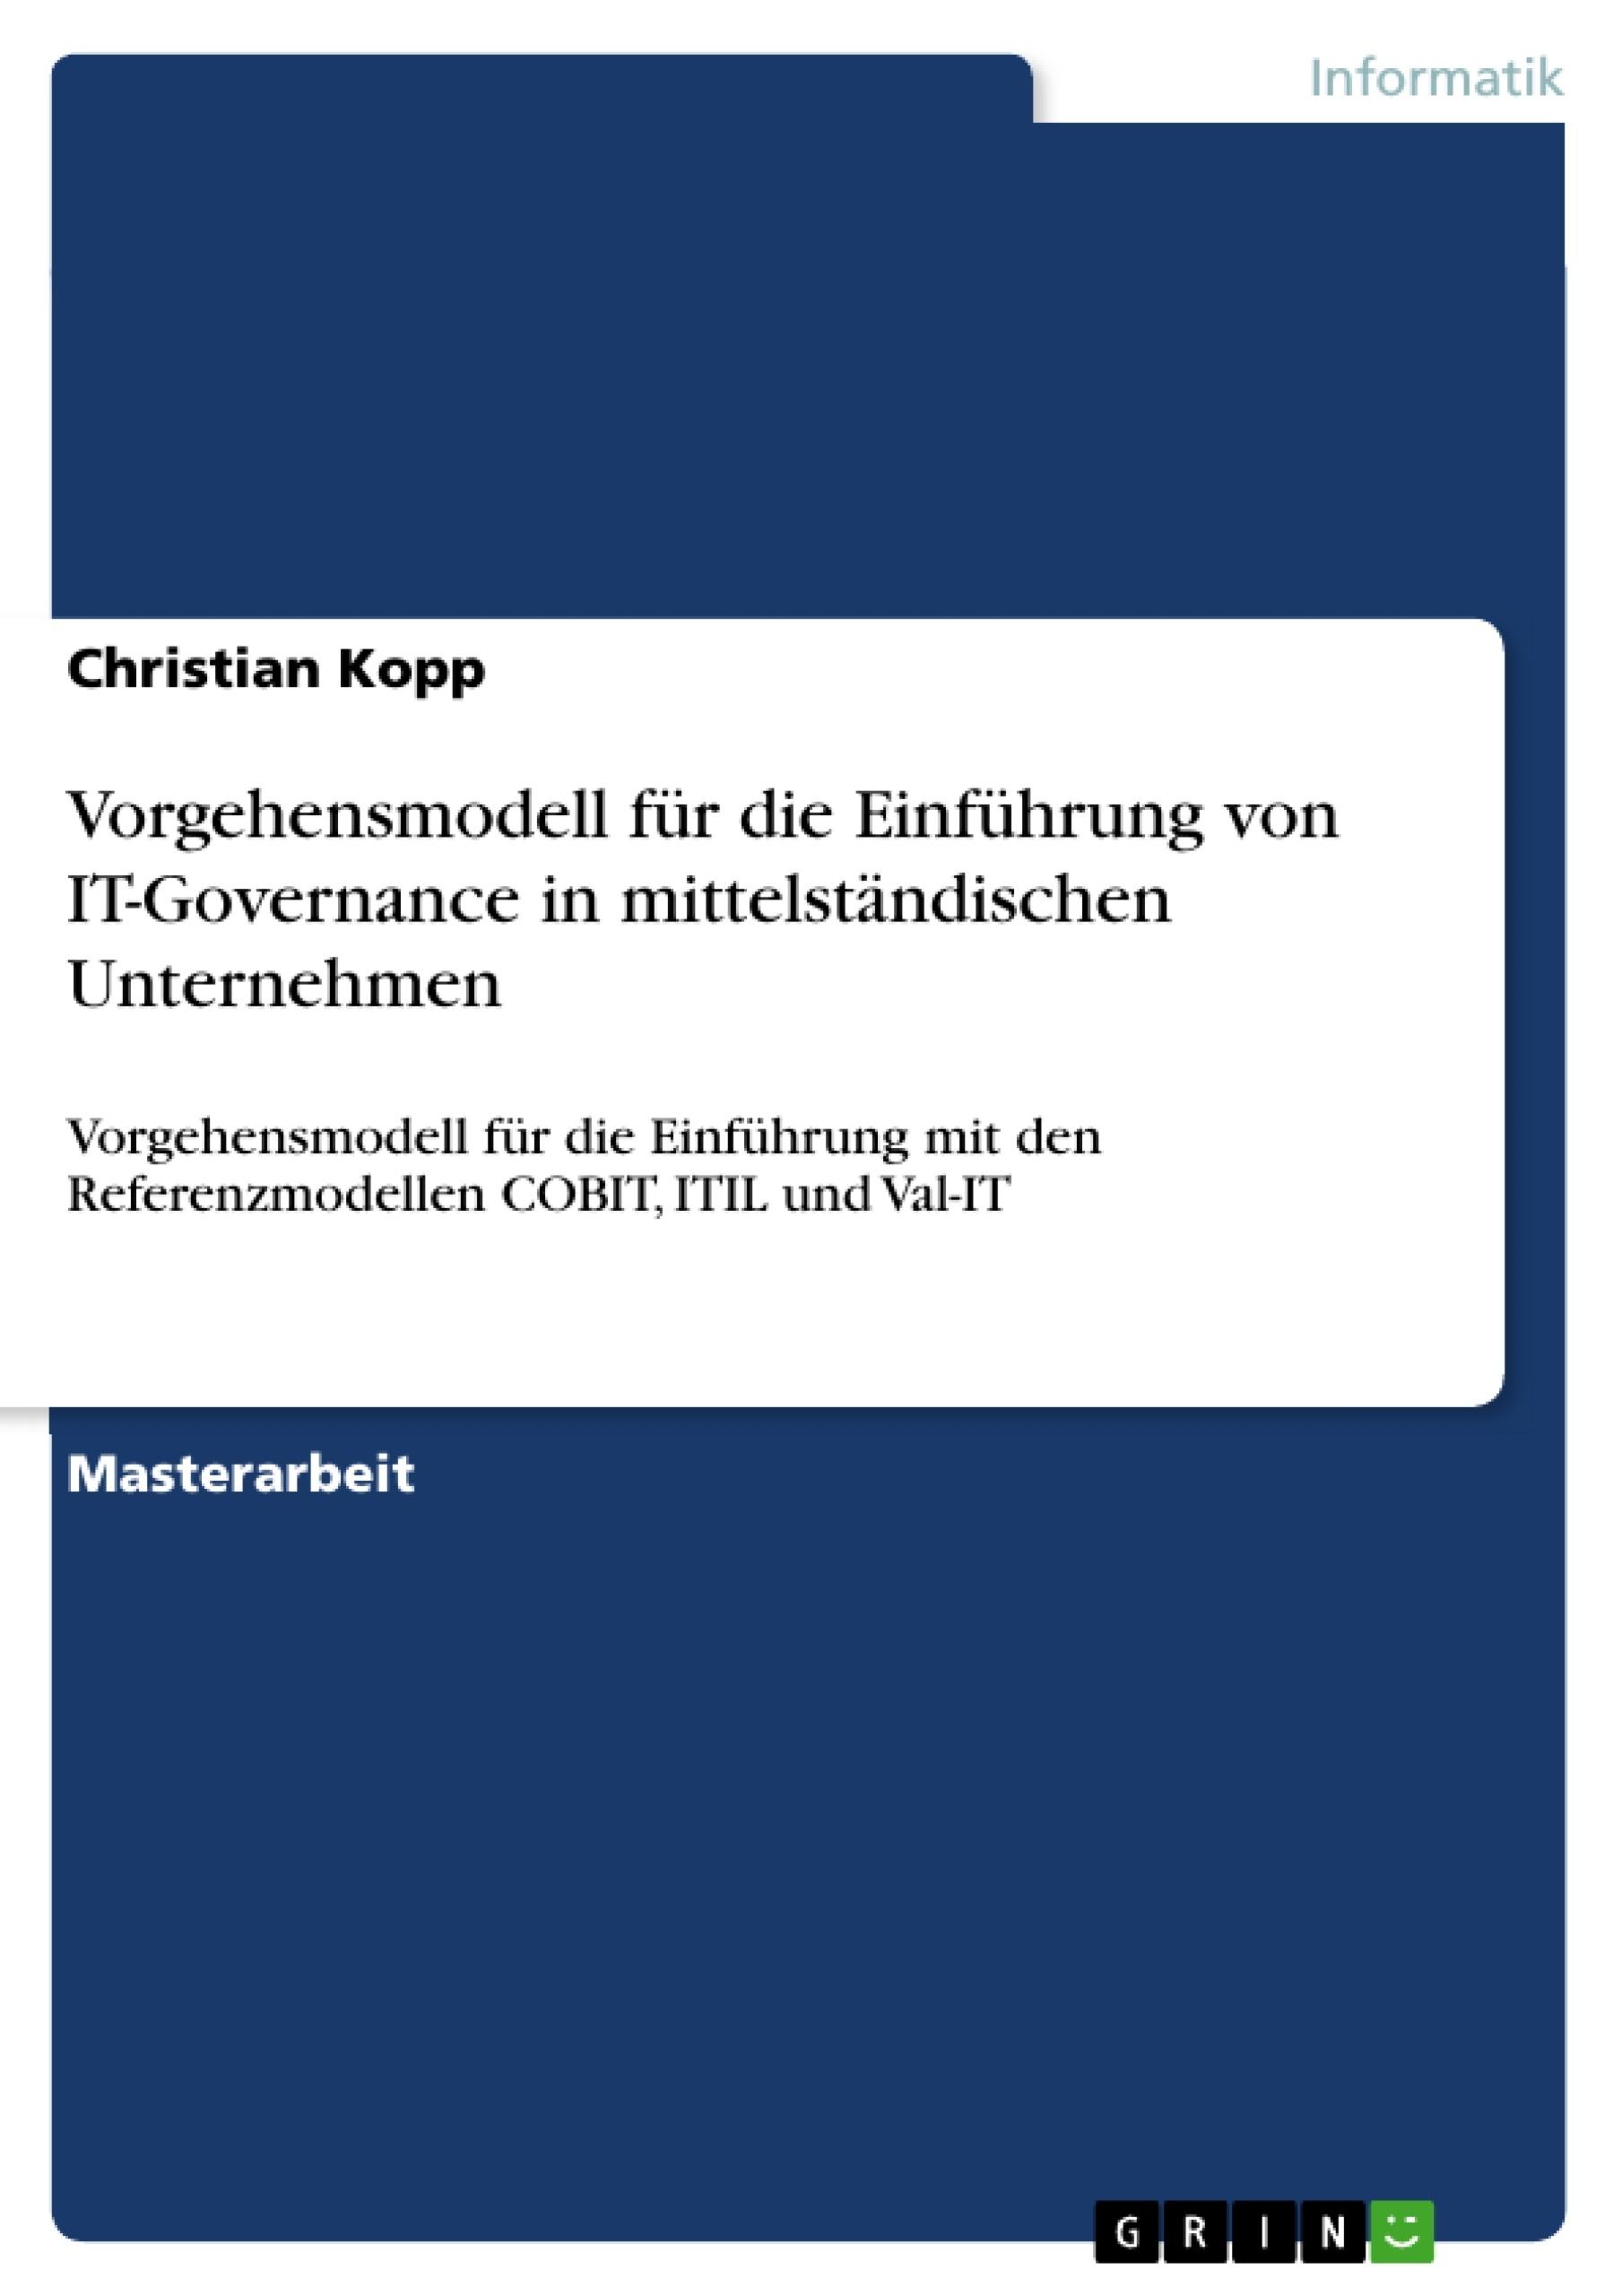 Titel: Vorgehensmodell für die Einführung von IT-Governance in mittelständischen Unternehmen